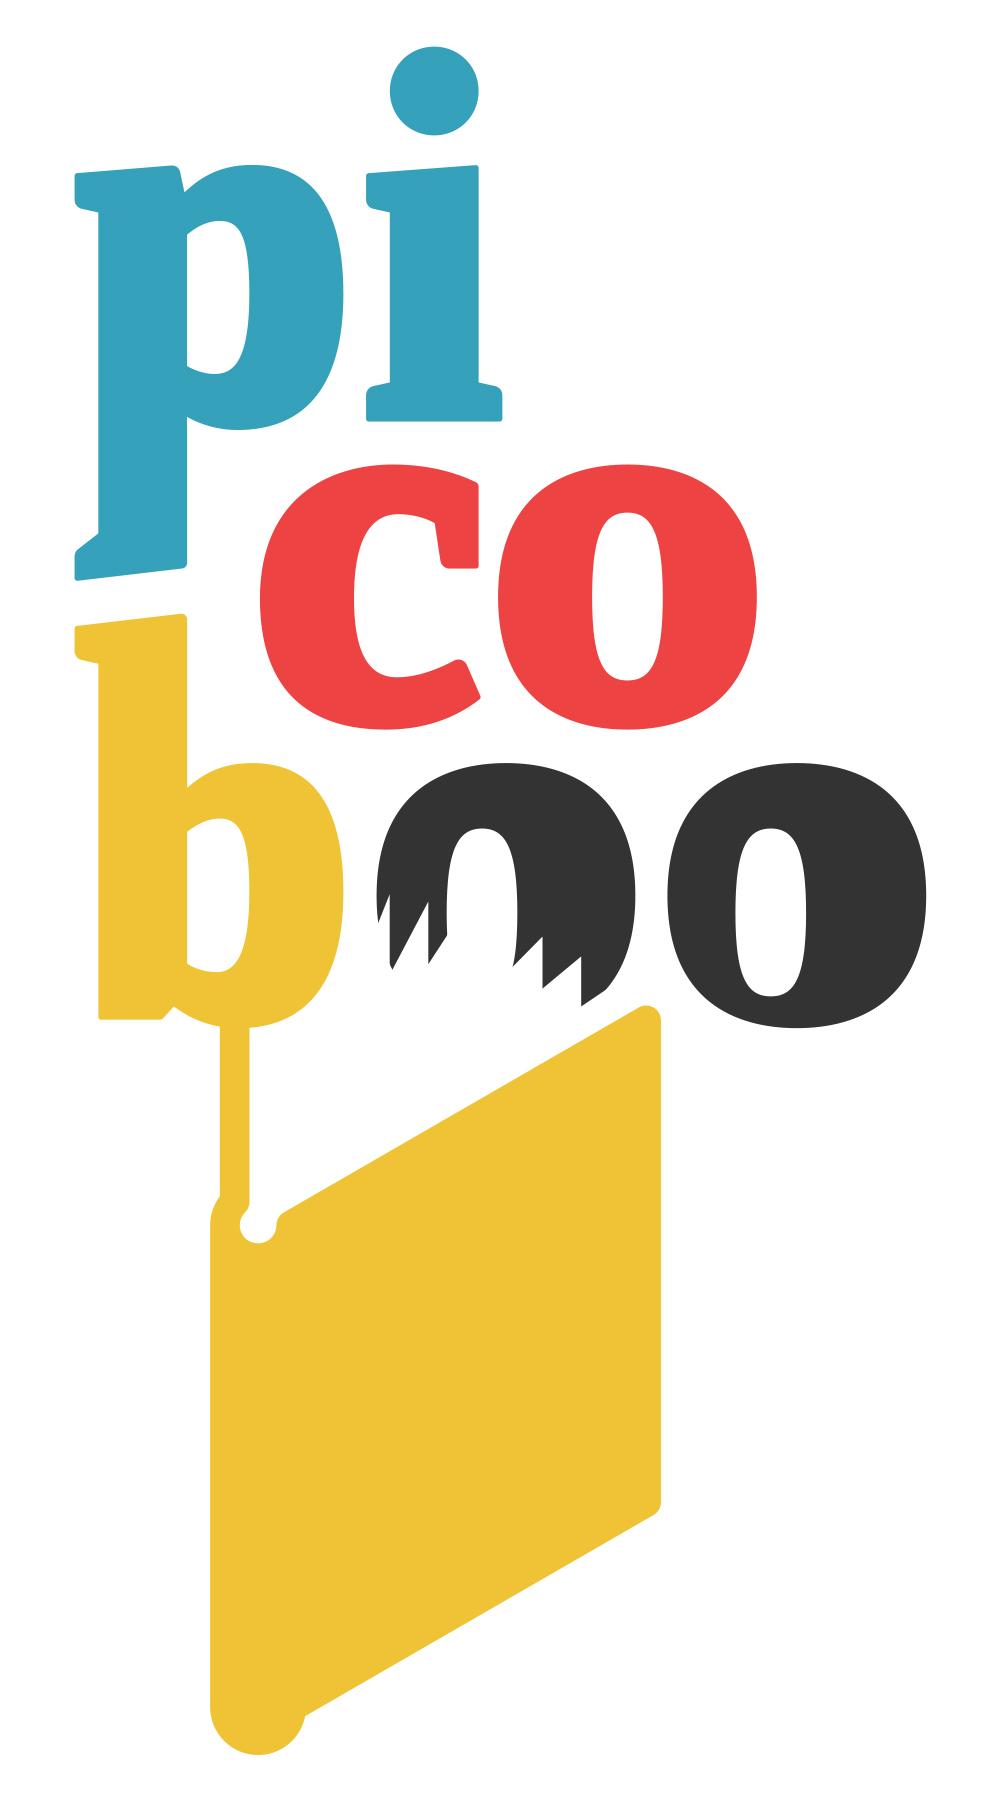 PiCoBoo